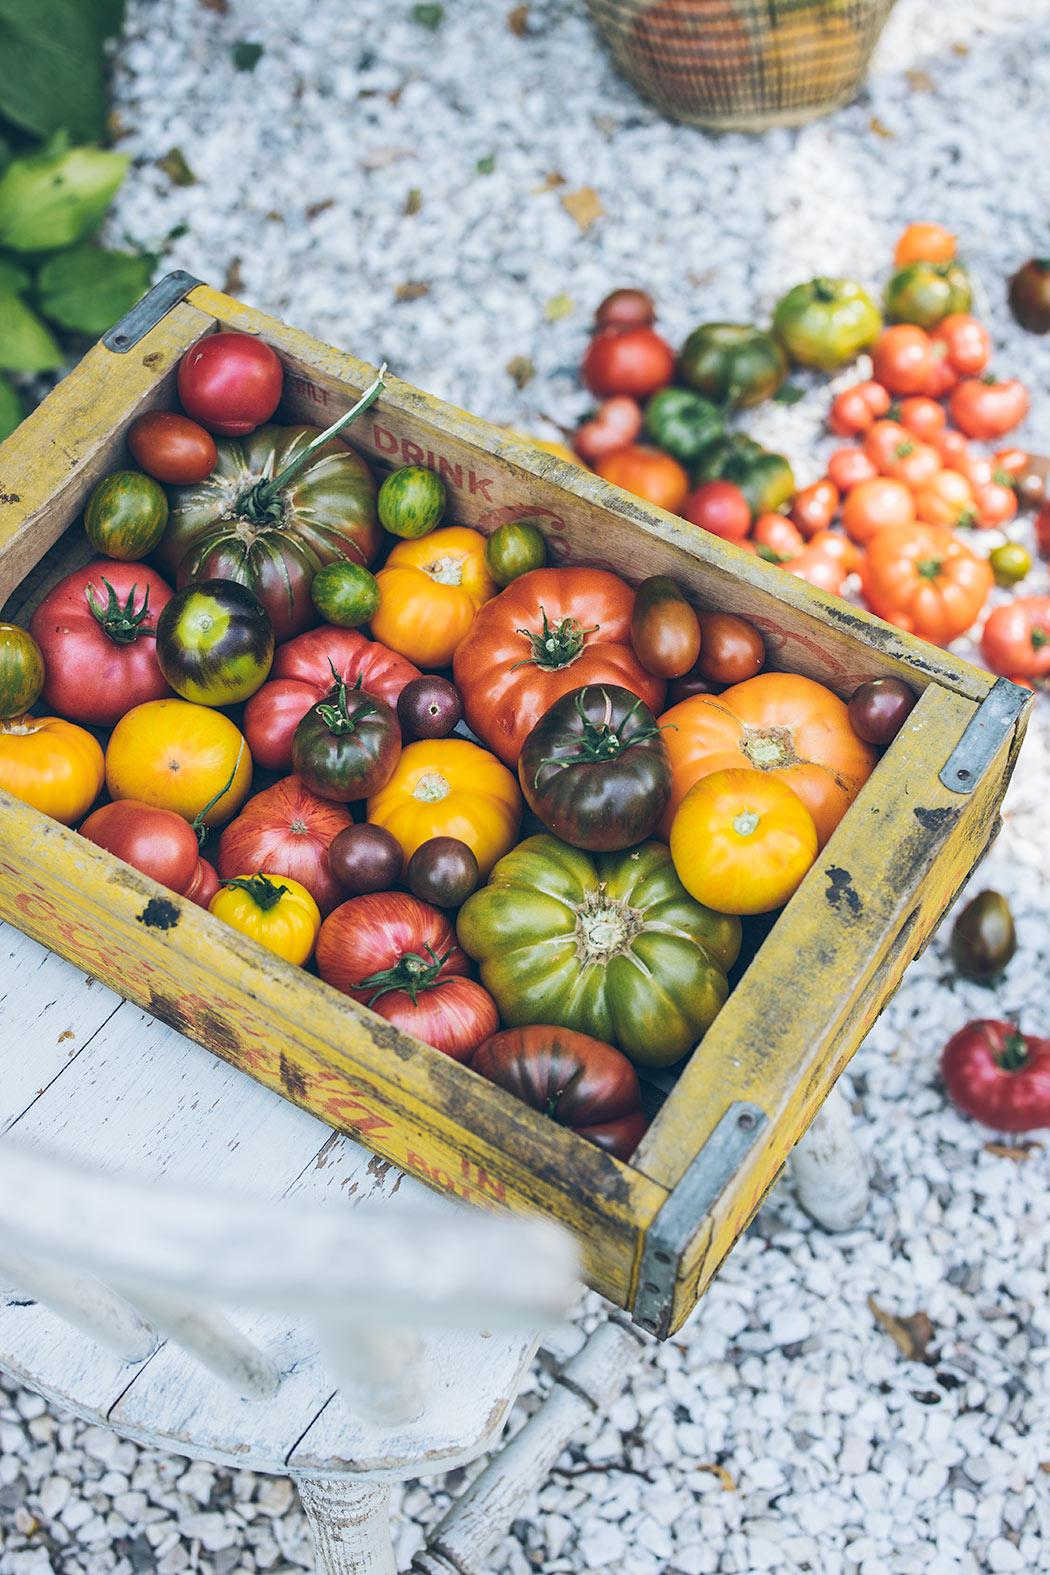 pikowanie, jak pikować pomidory